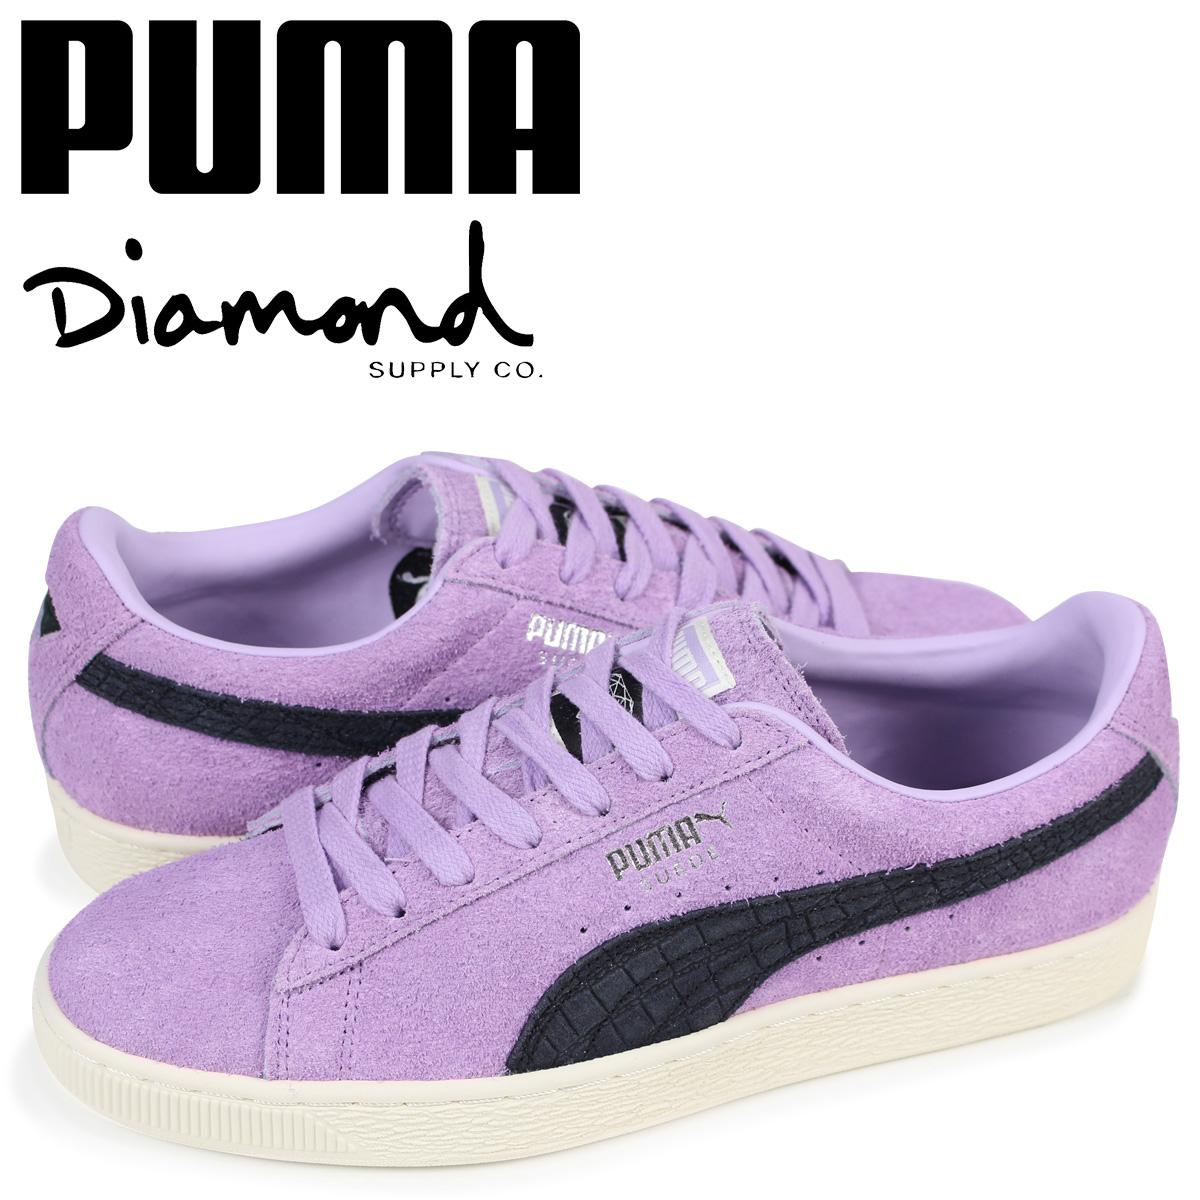 2019人気特価 プーマ PUMA パープル スエード スニーカー メンズ メンズ ダイヤモンドサプライ プーマ SUEDE DIAMOND コラボ 365650-02 パープル, フラメンコのイベリア:9193ccfd --- paulogalvao.com